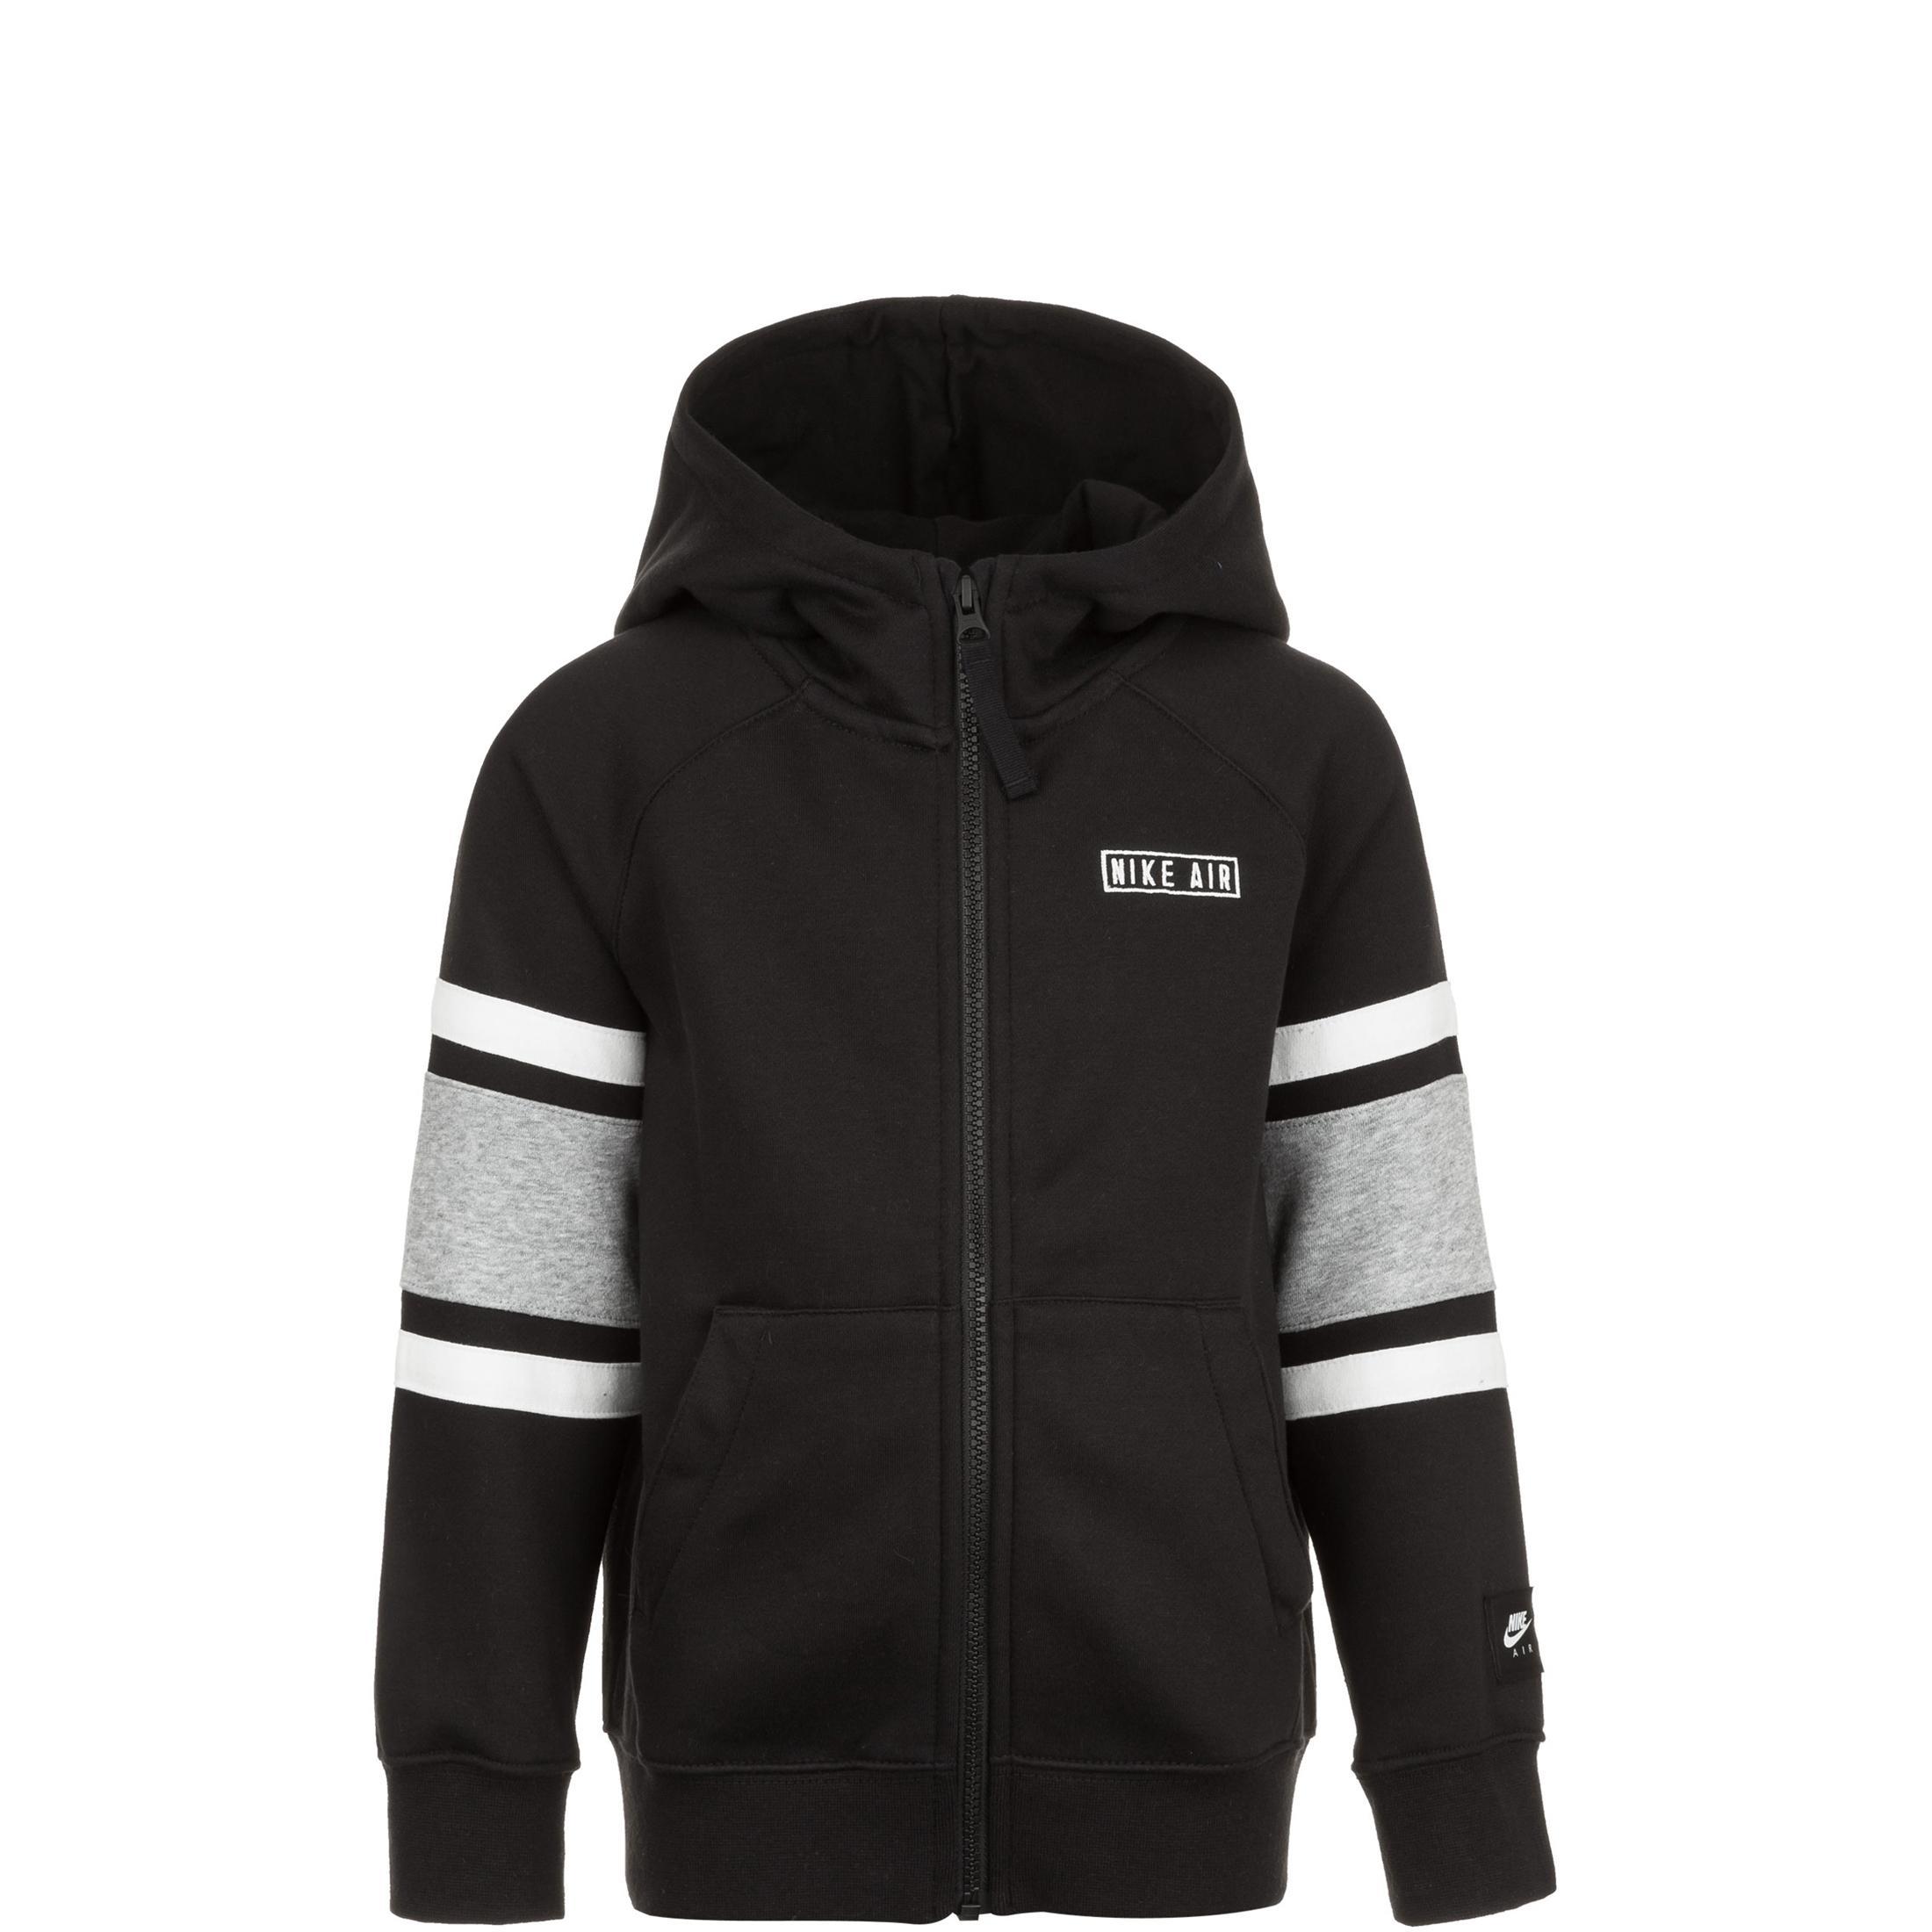 Geistigkeit Adidas Medium Grau HeatherCharcoal Solid Grau